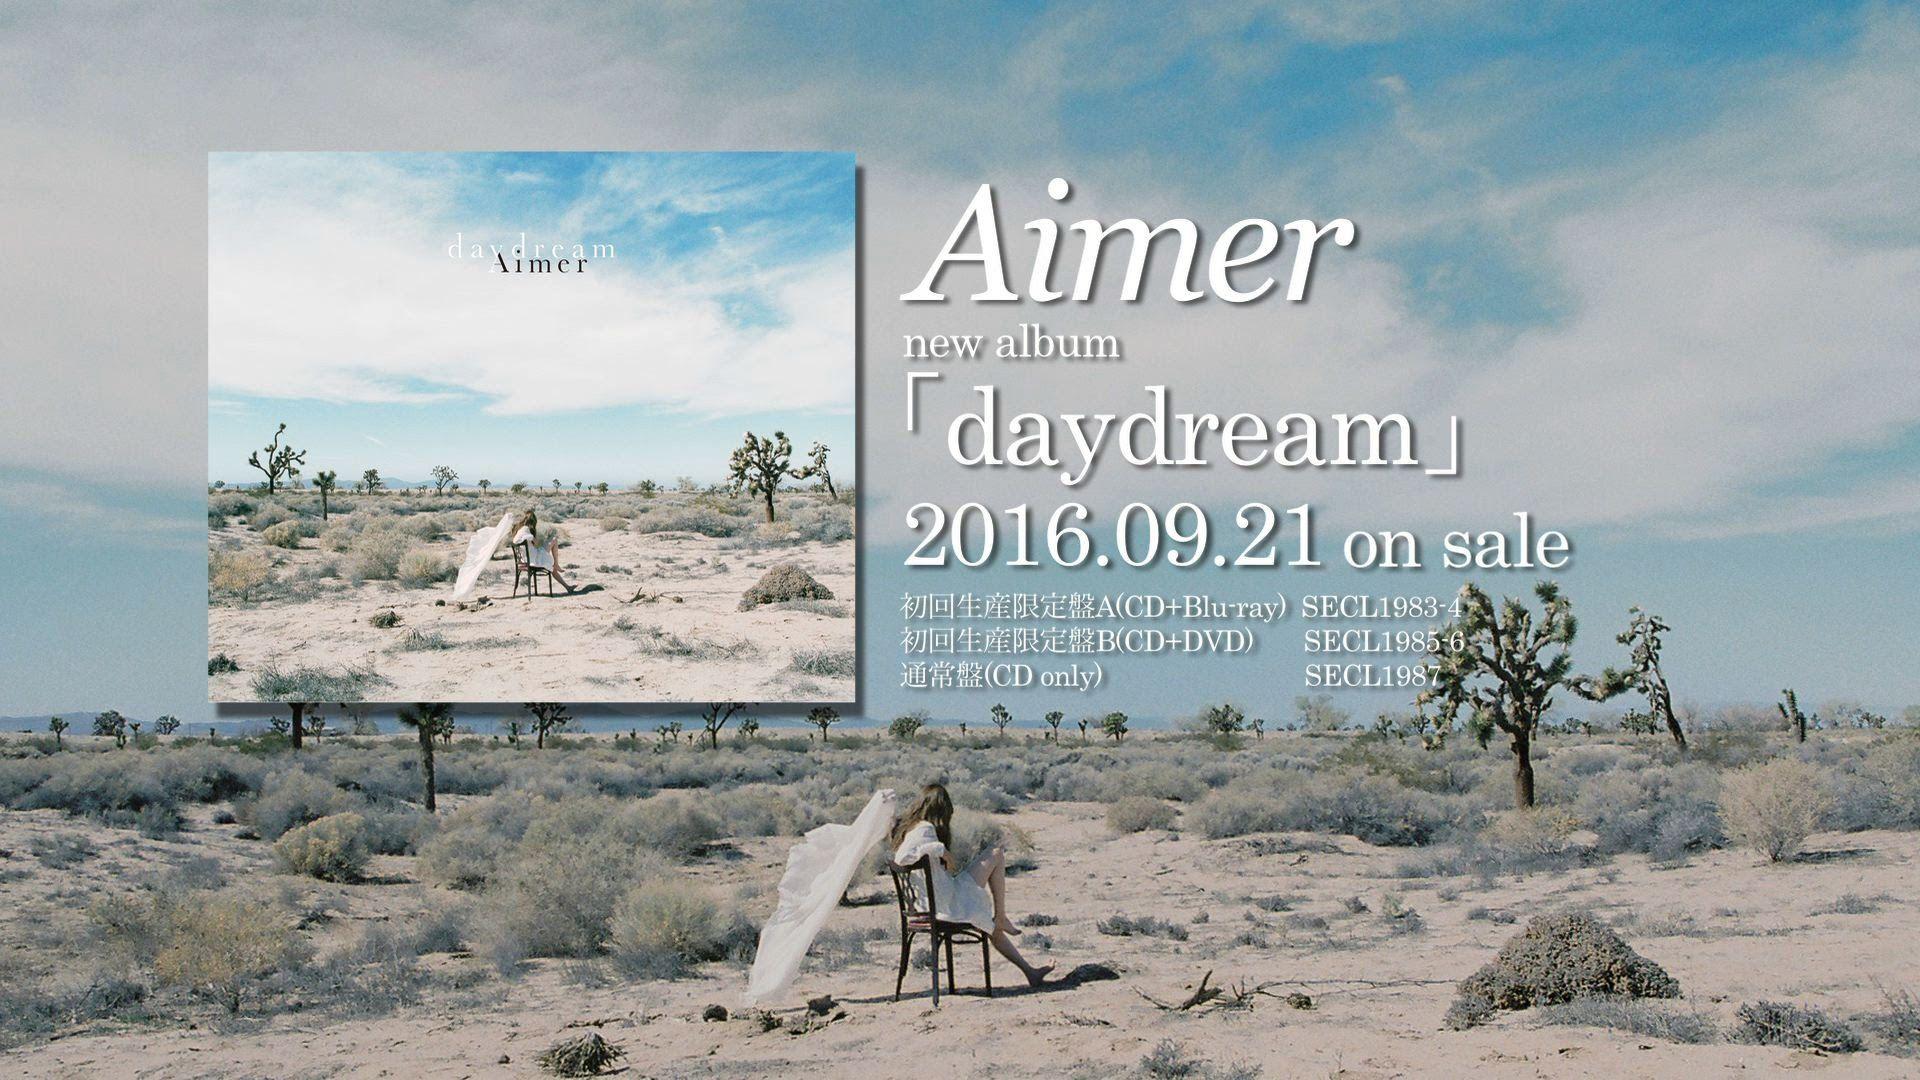 Aimer New Album Daydream Digest 9 21発売 野田洋次郎 Aimer